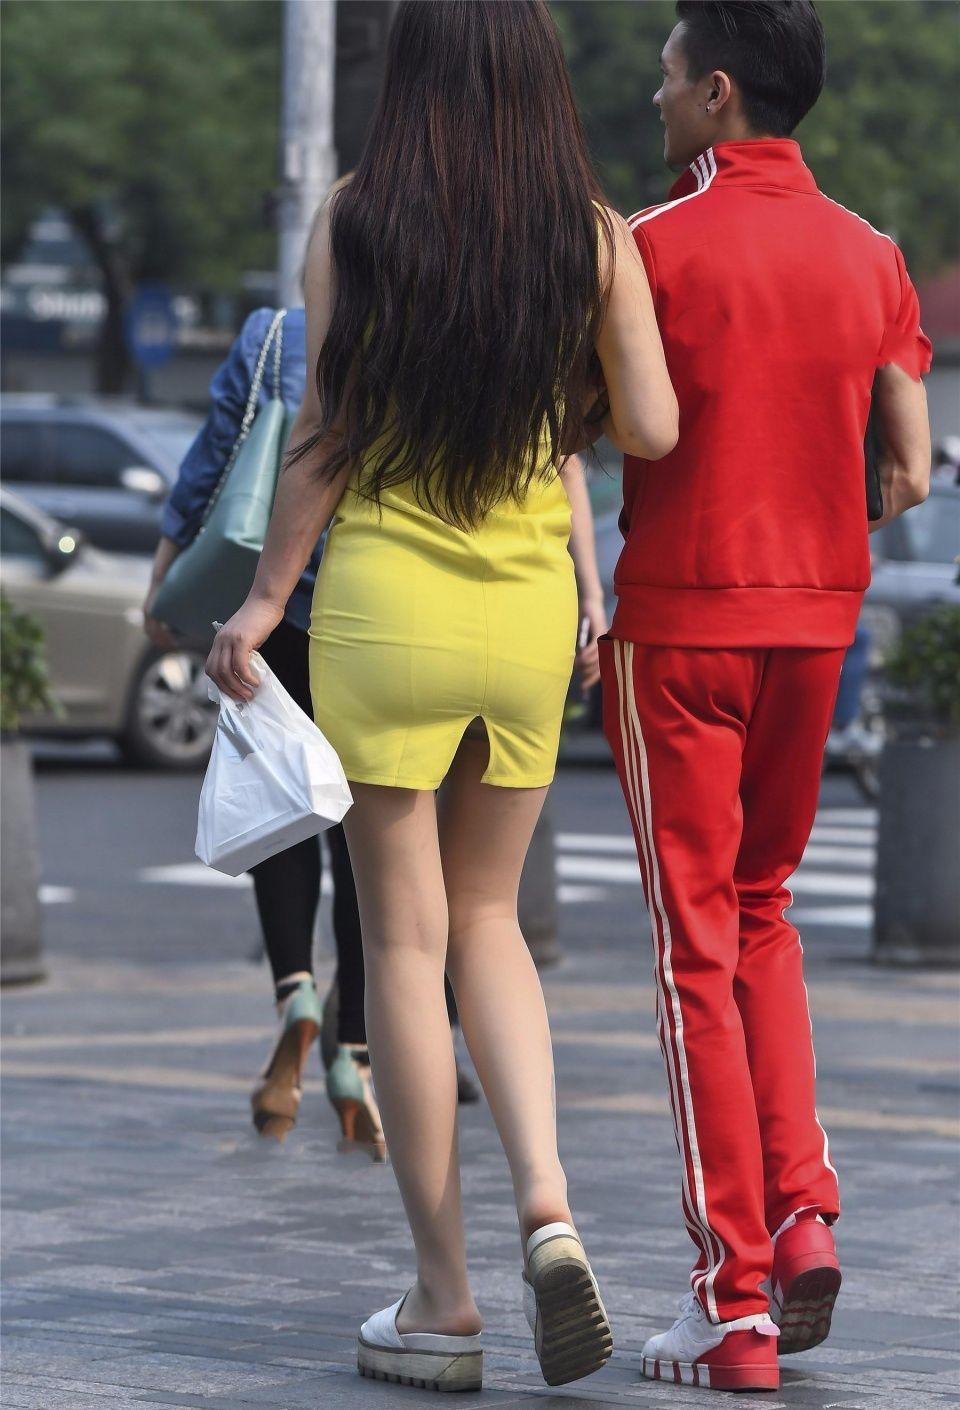 街拍,美女的开衩包臀连衣裙,开衩的位置有点巧妙啊